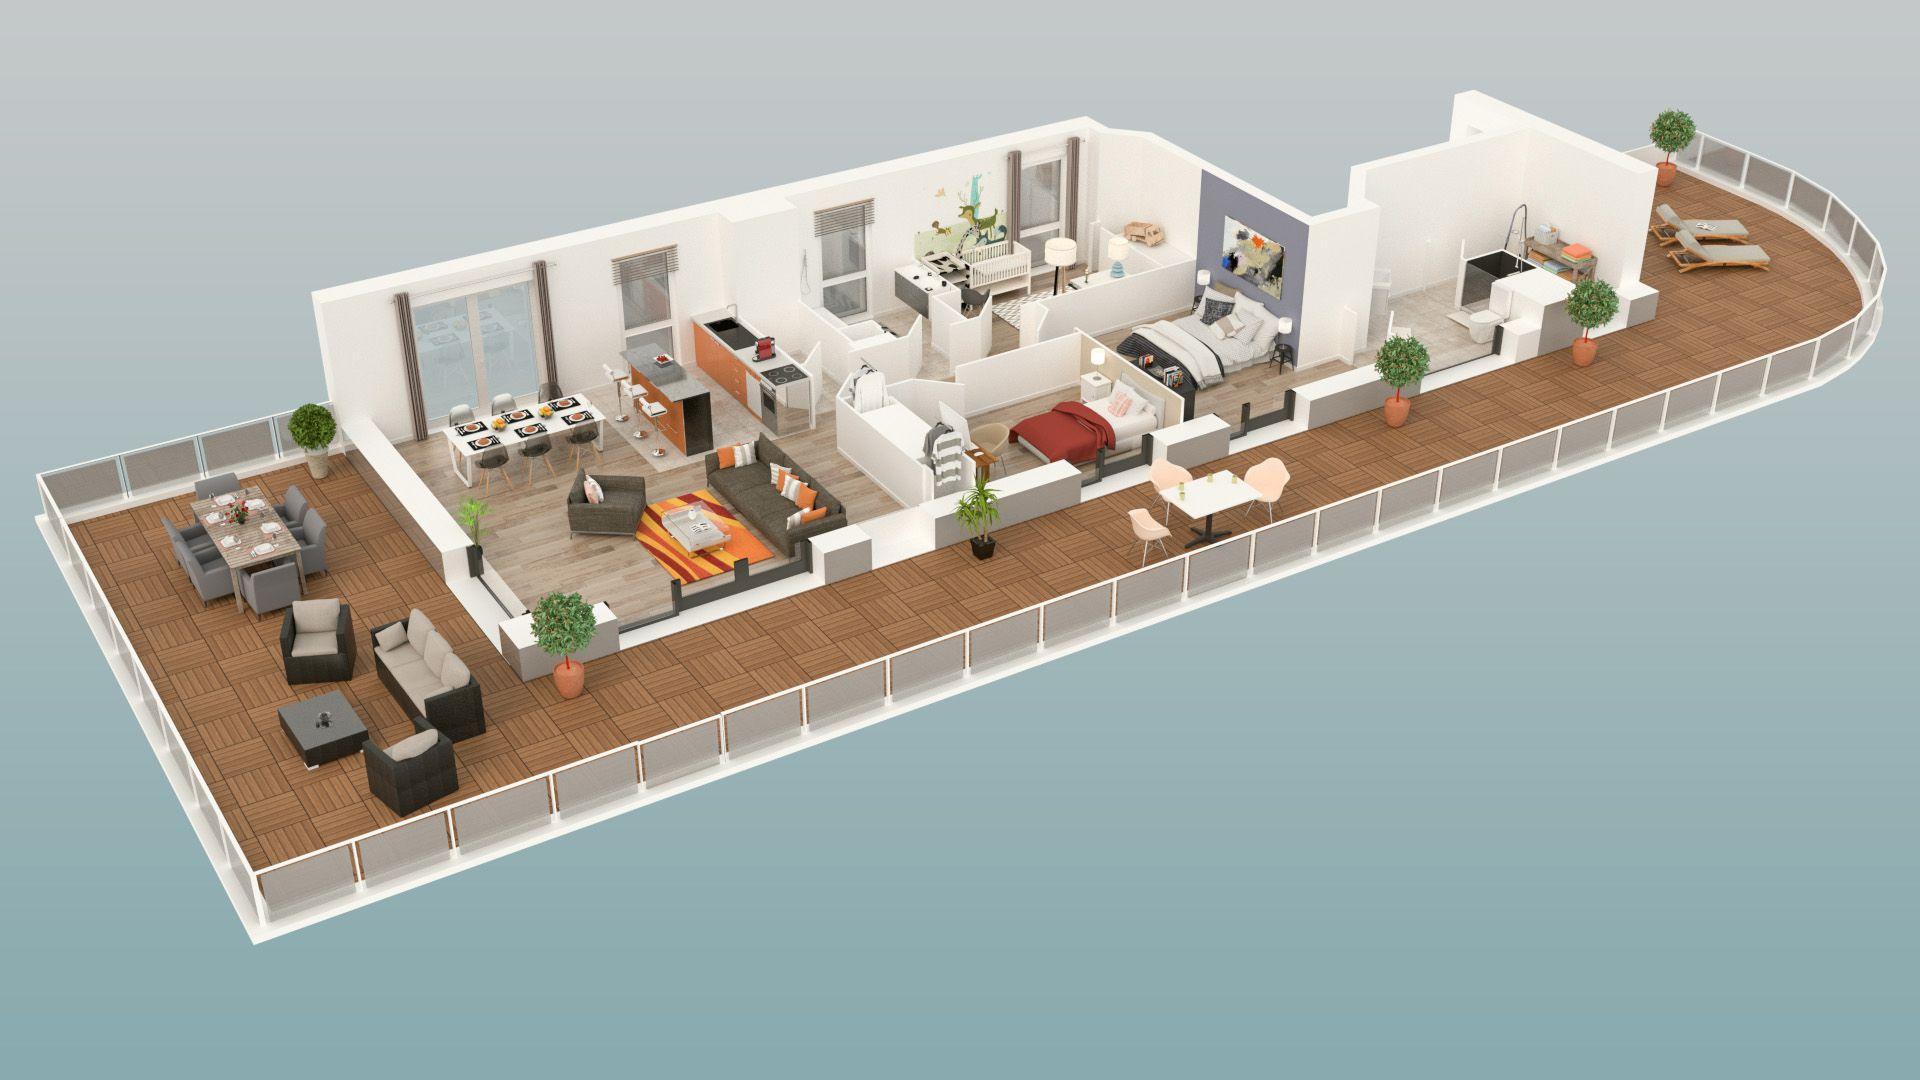 Plan 3d dun appartement 4 pièces de la résidence grand angle située à asnières